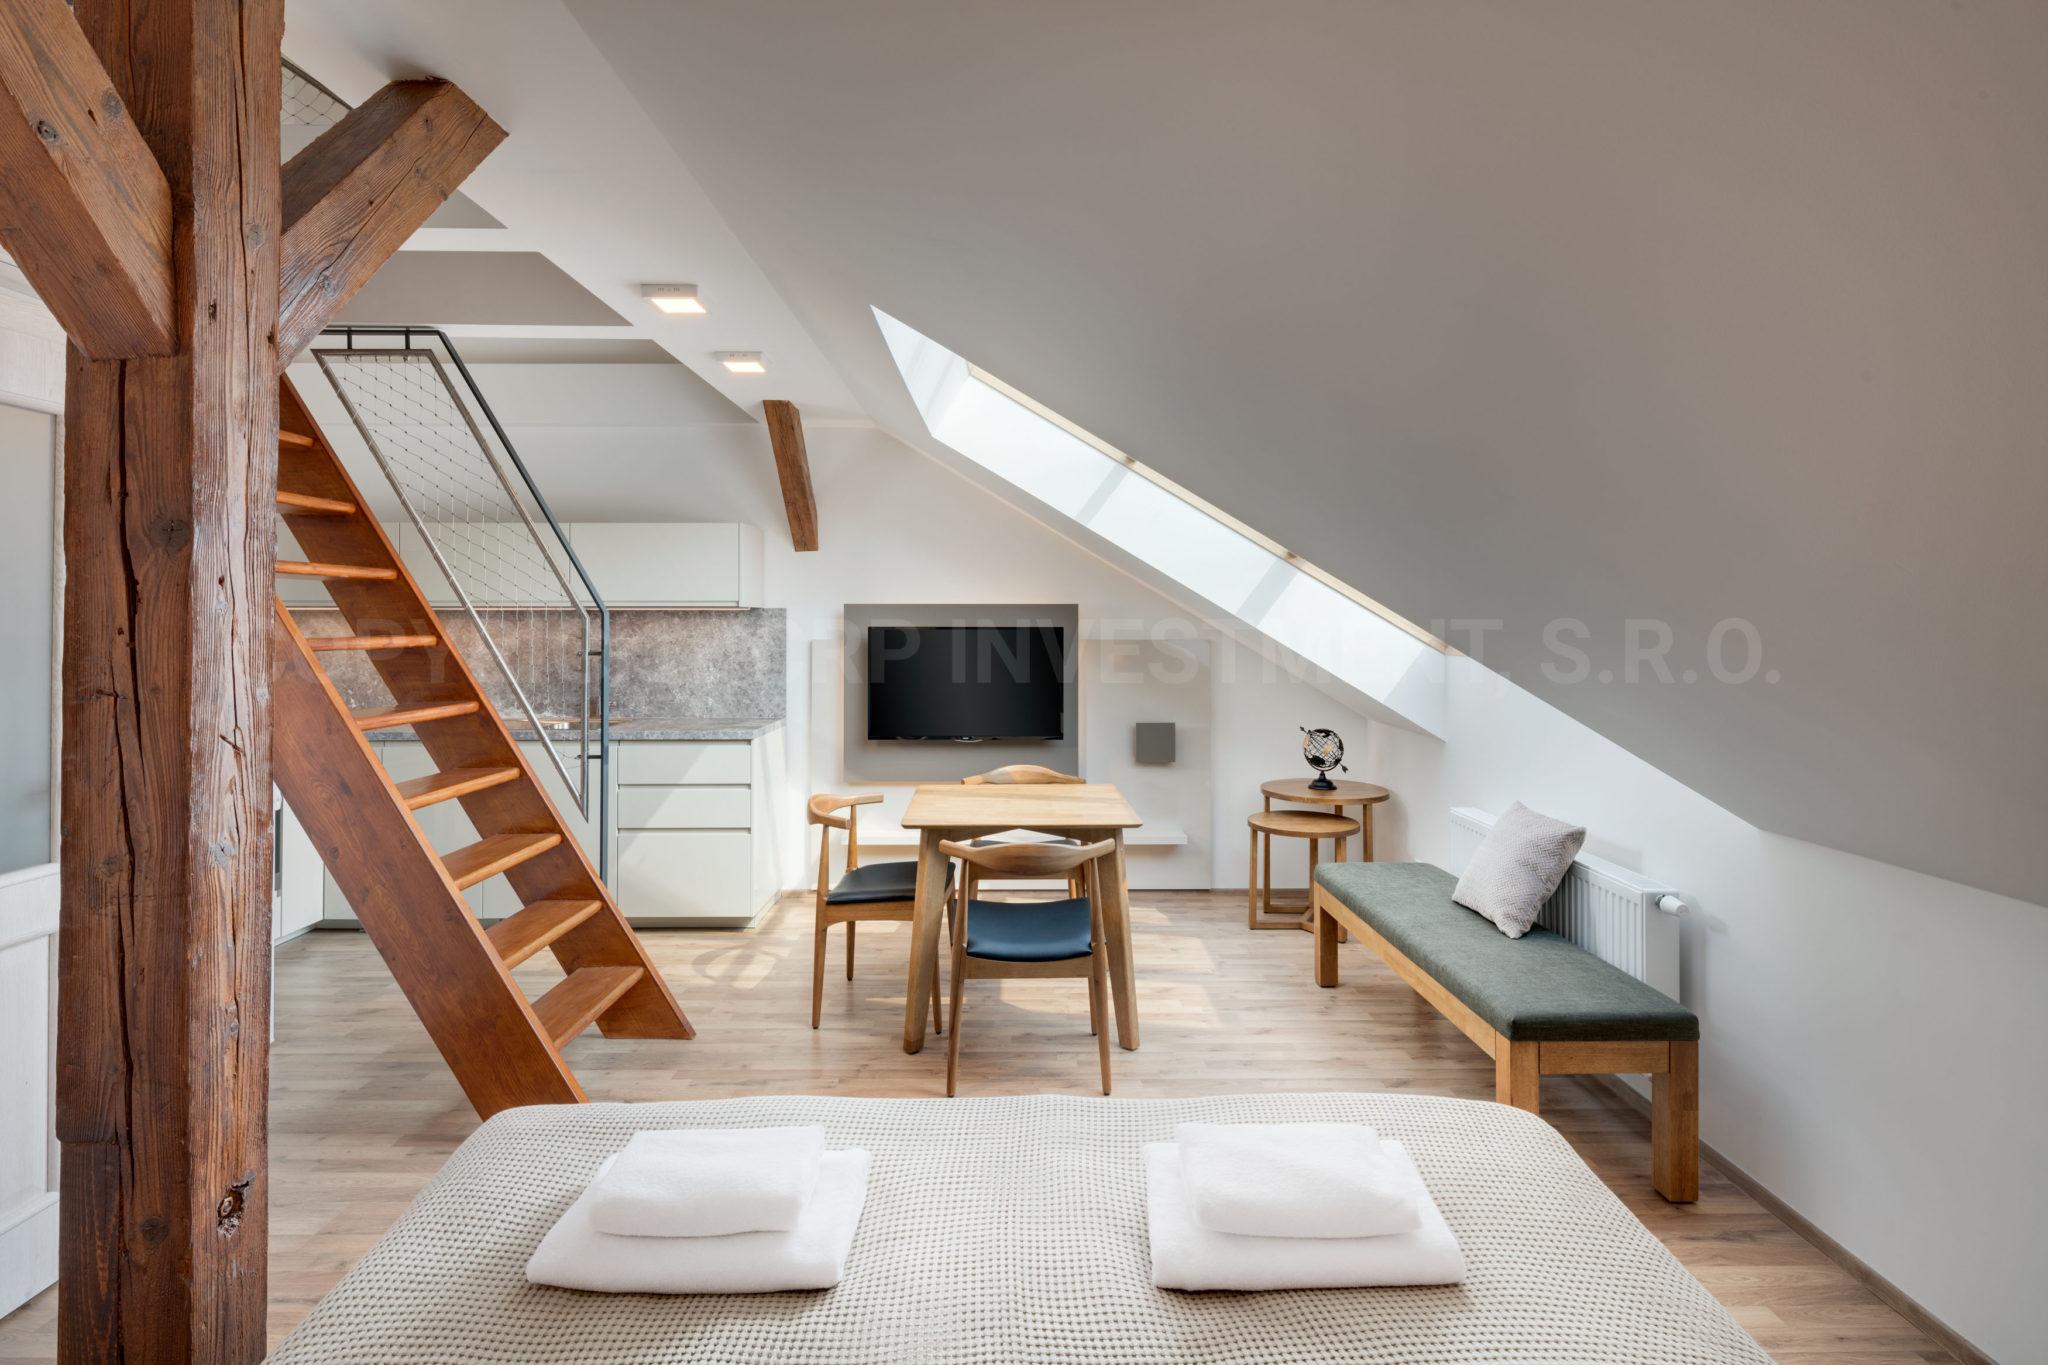 Krátkodobý pronáje studio apartmánu v Praze